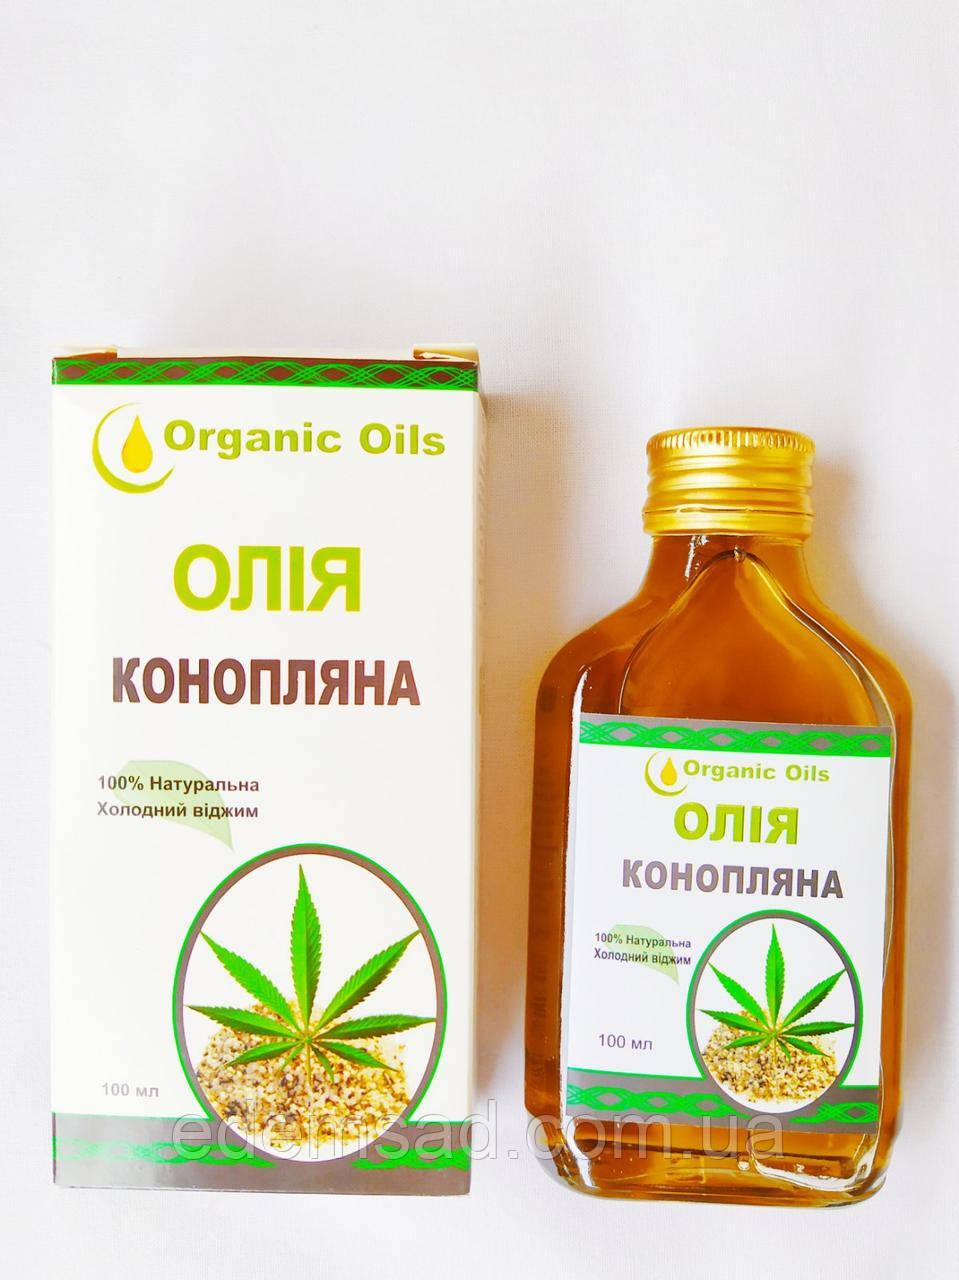 Олія конопляна Organic Oils, 100 мл